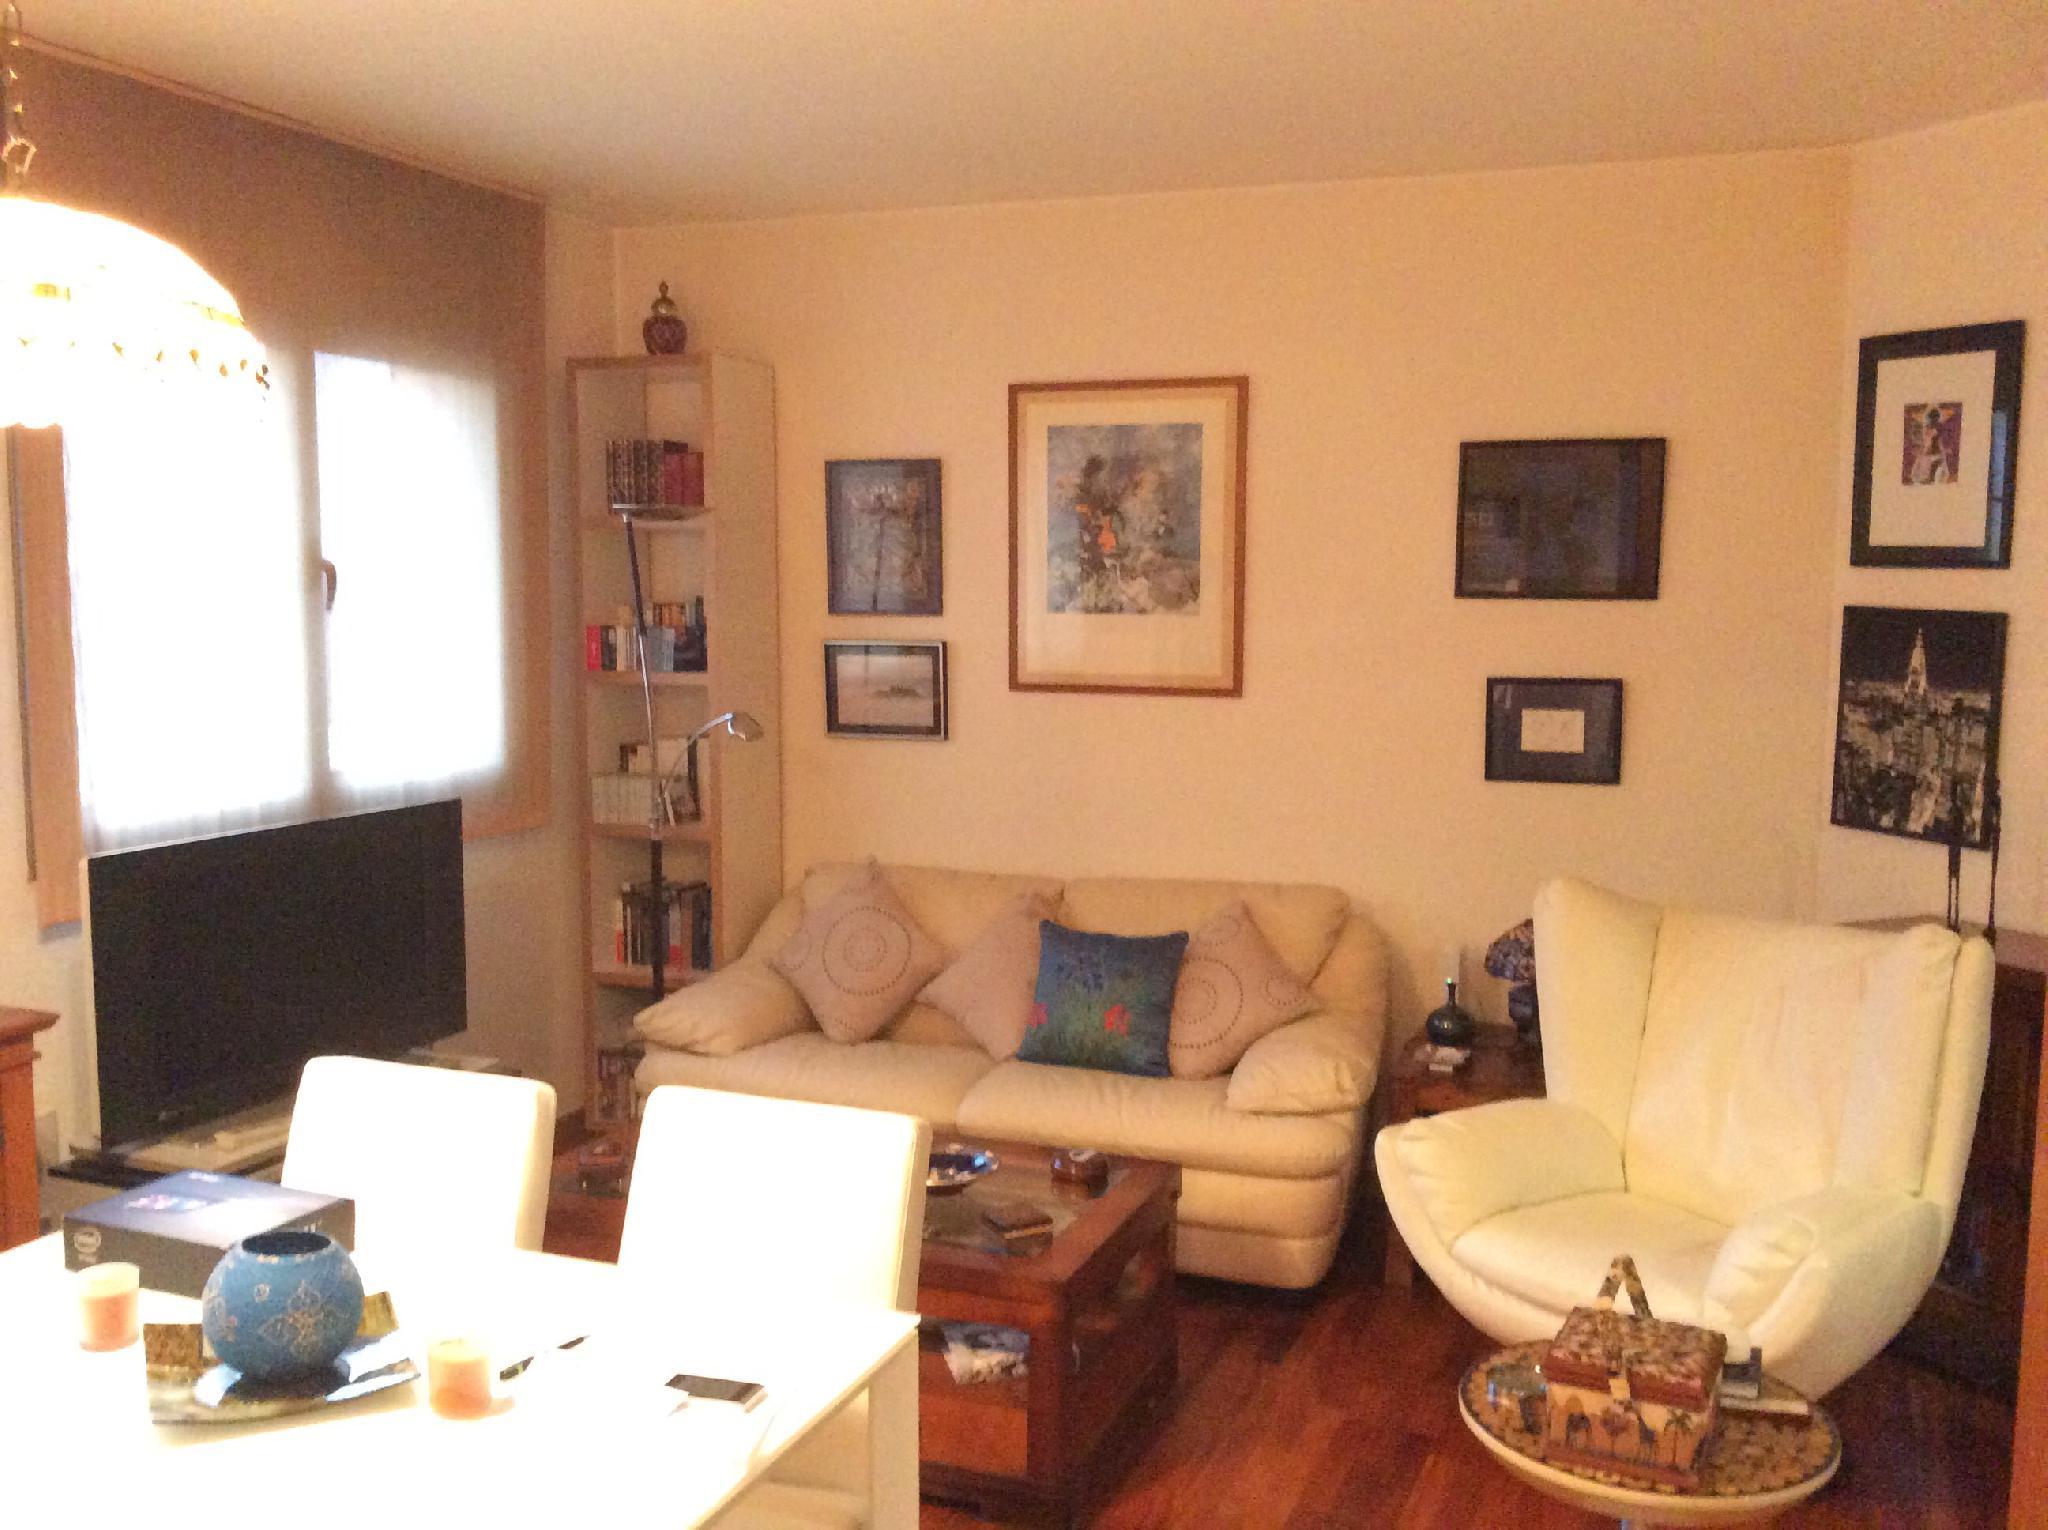 flat-for-sale-in-junto-parc-de-la-ciutadella-el-parc-i-la-llacuna-in-barcelona-226576648